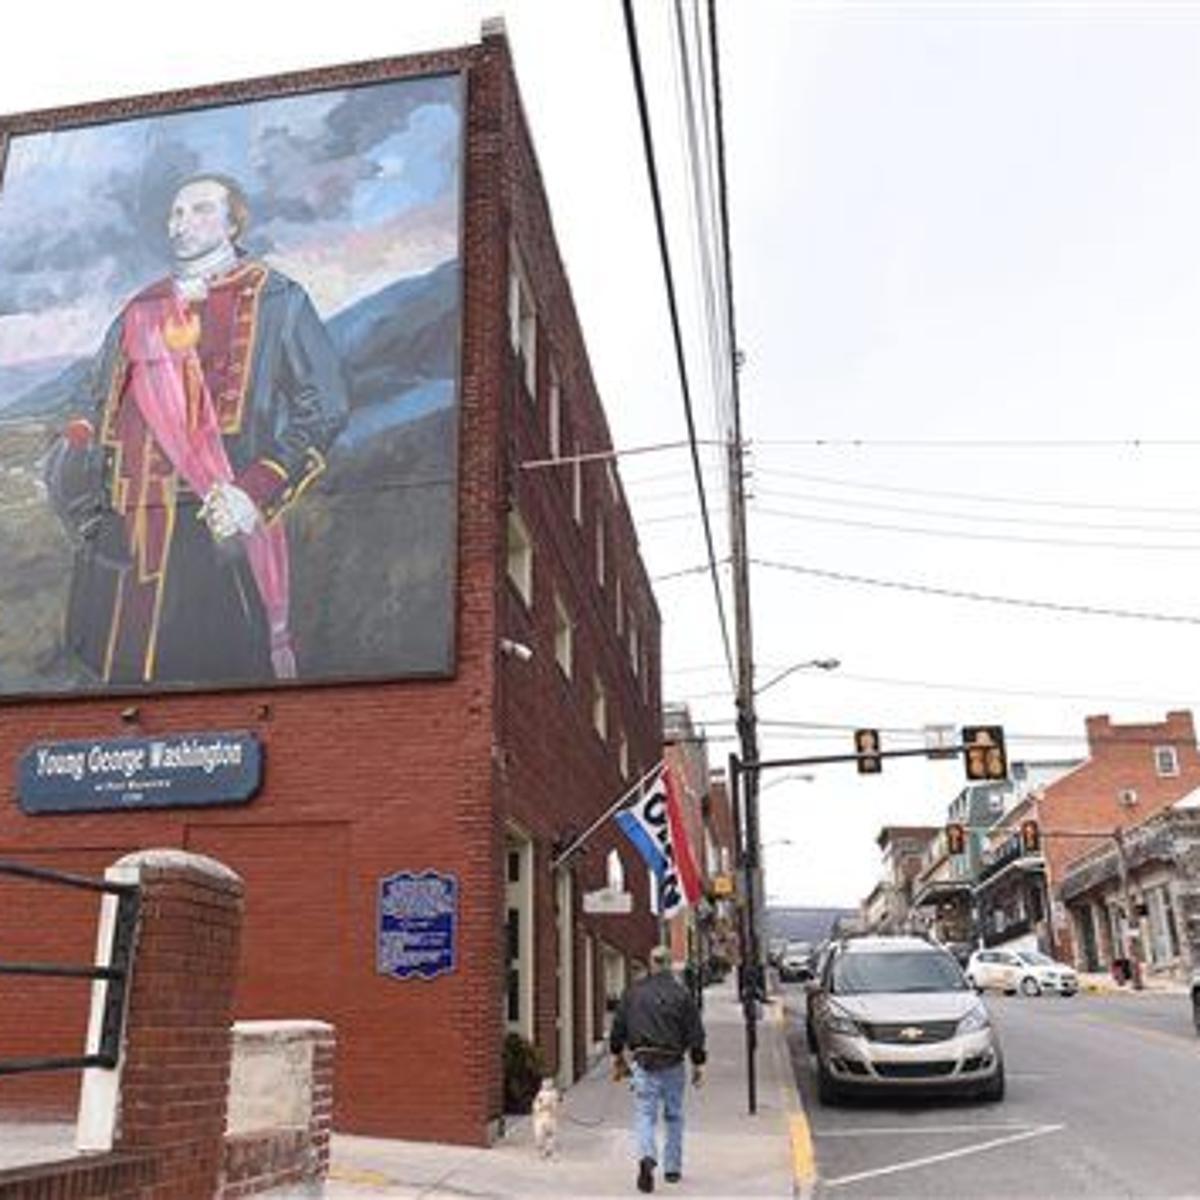 Whiskey Rebellion' tourism eyed for Pennsylvania county